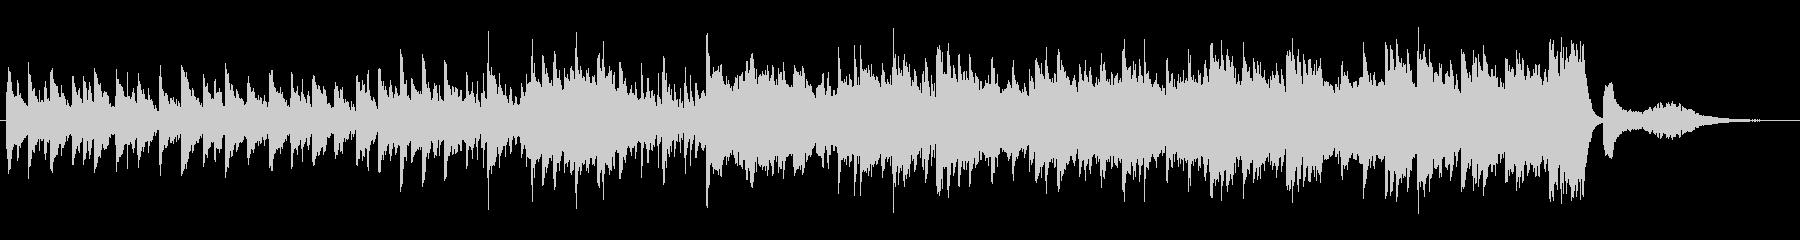 シンプルでゆったり・のどかな日常BGMの未再生の波形